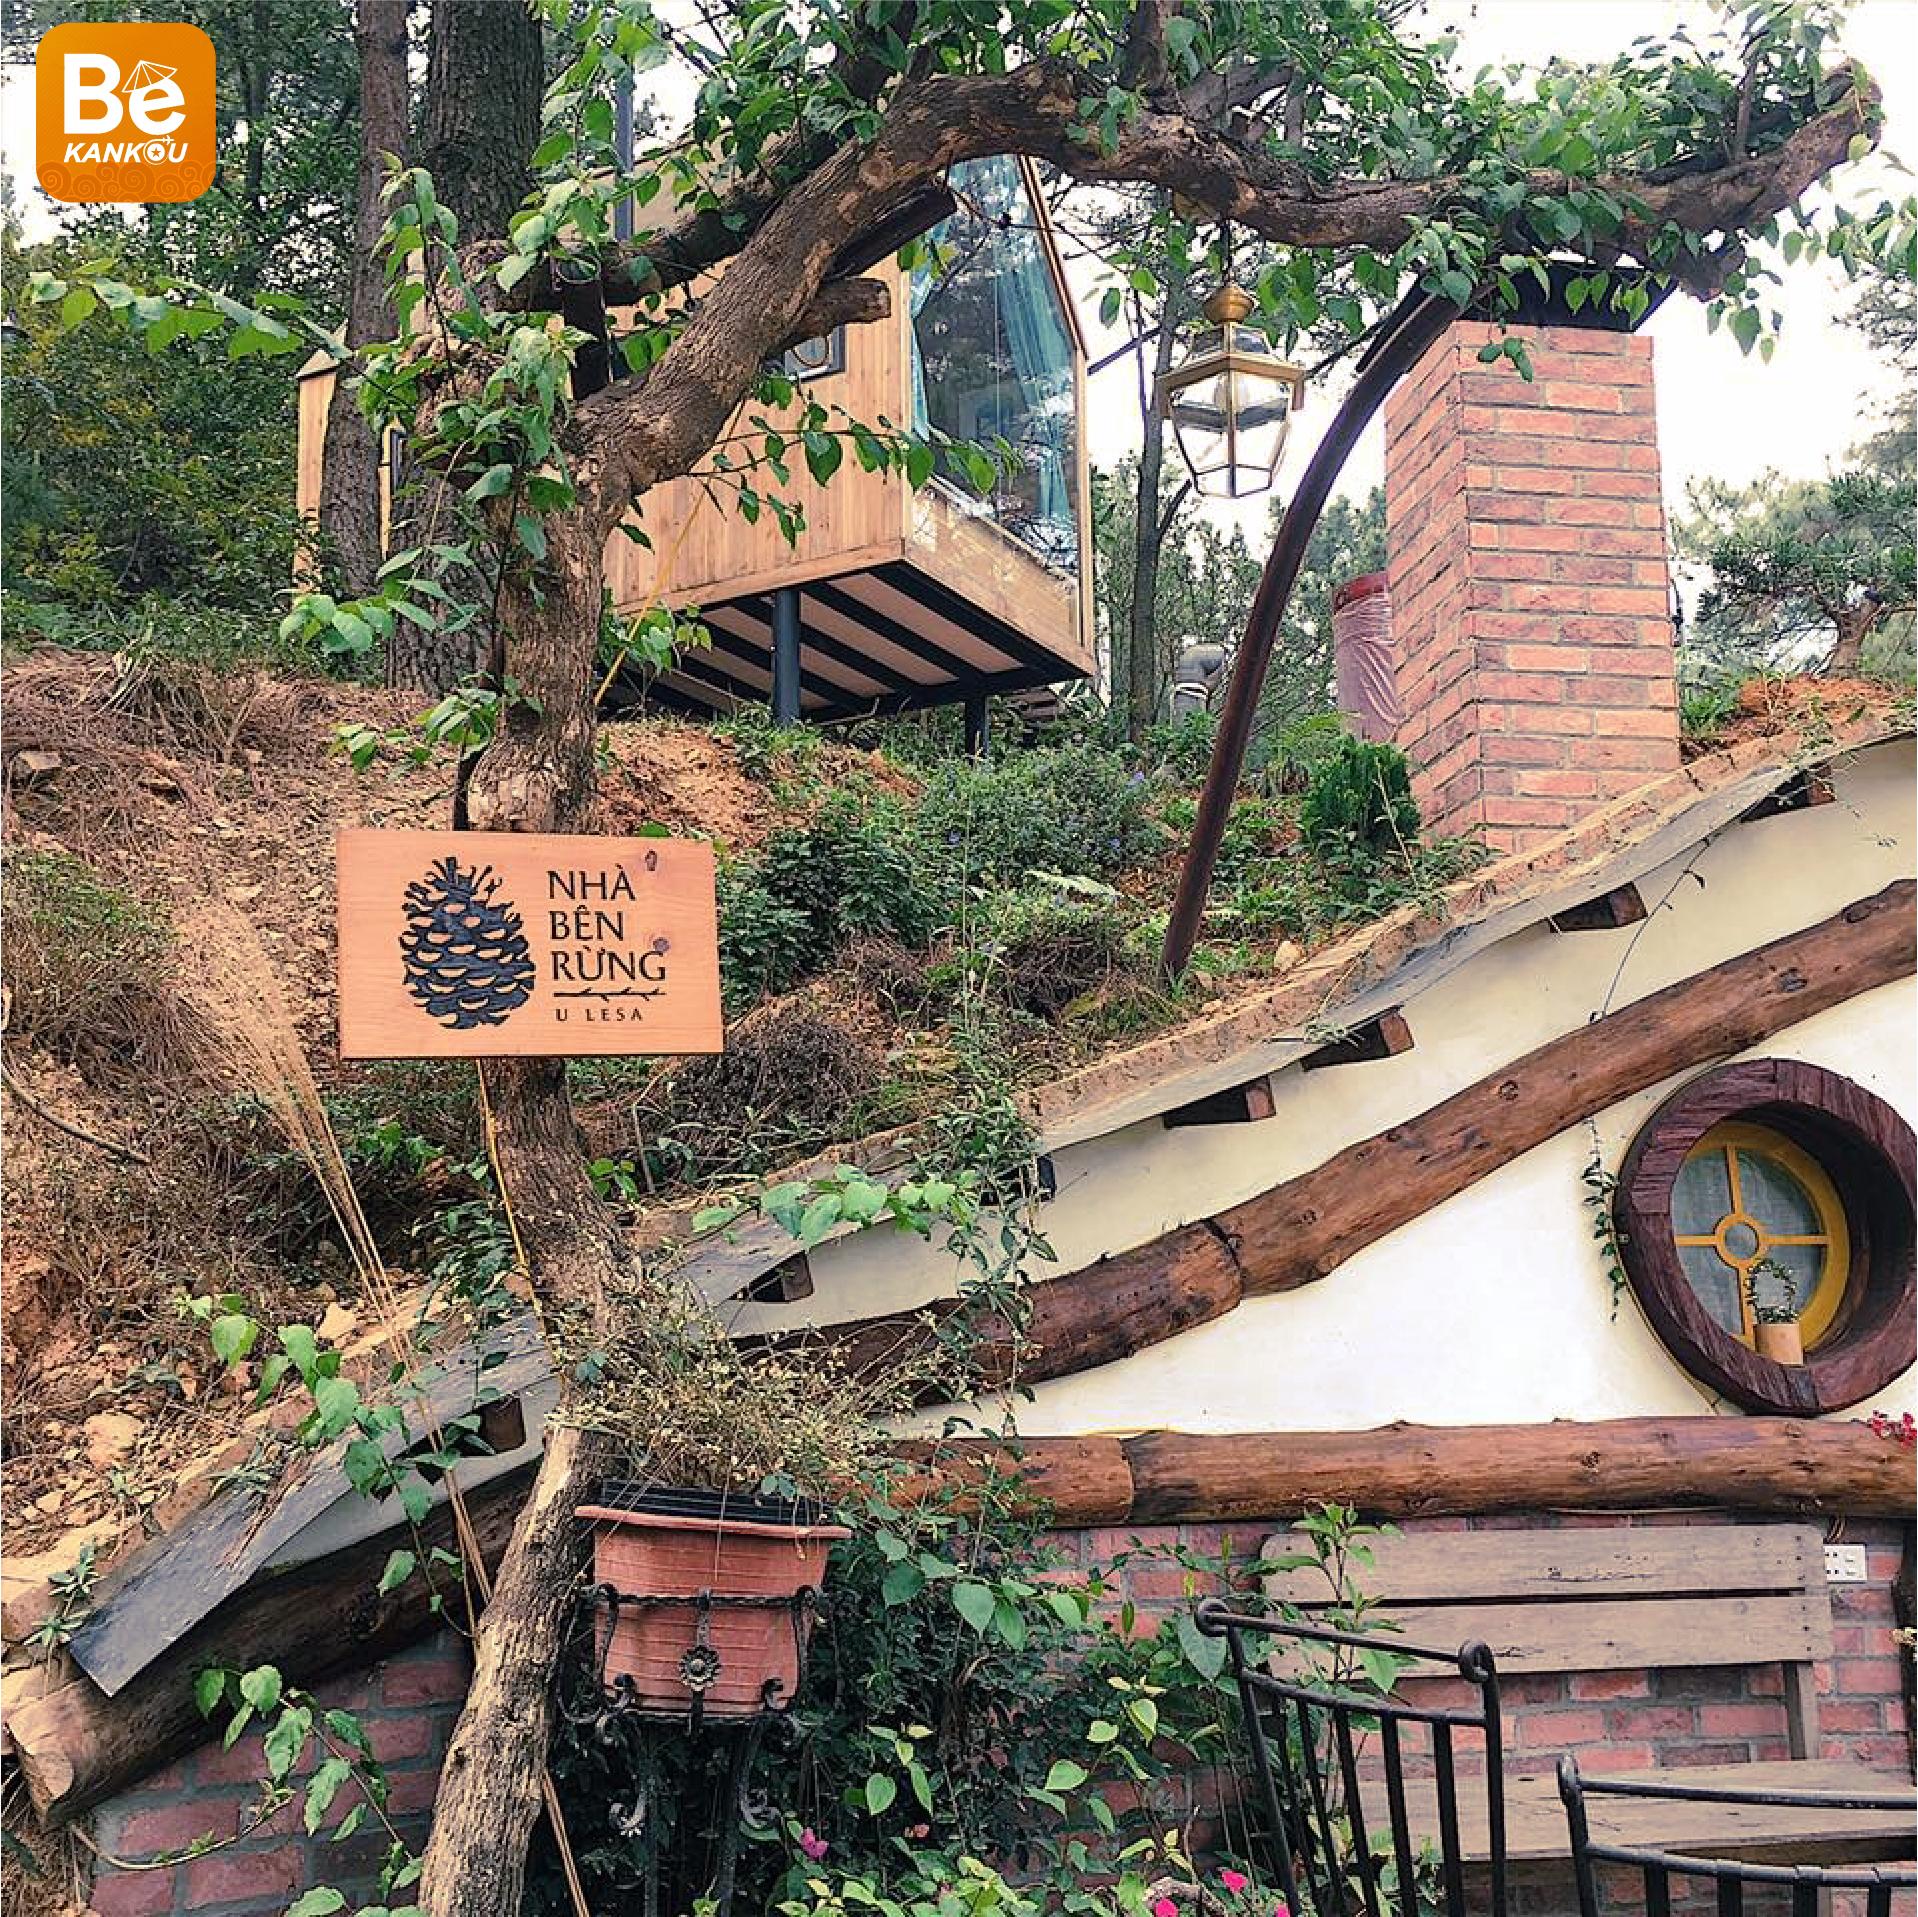 ベトナム、ウレサ・フォレストハウスで手つかずの自然を体験